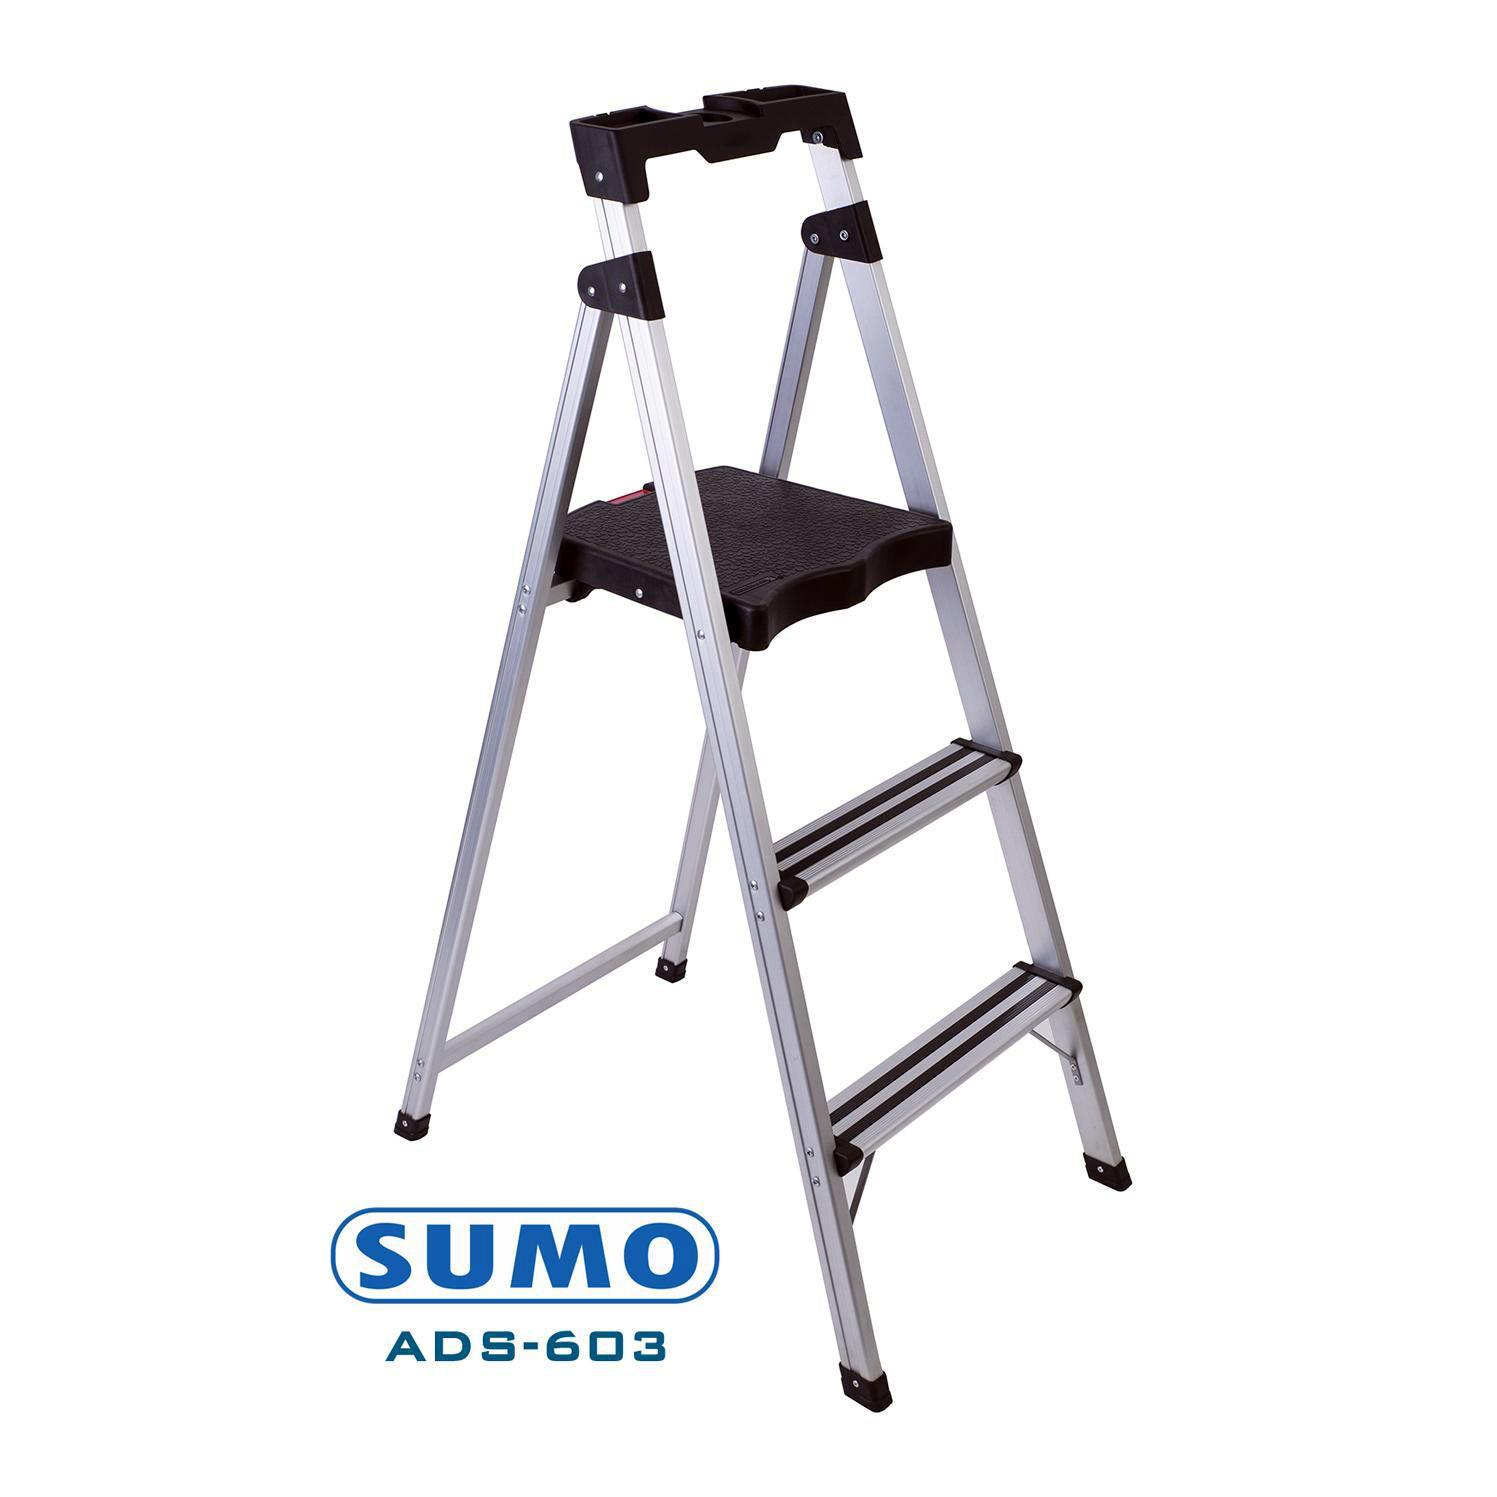 Thang nhôm ghế 3 bậc xếp gọn SUMO ADS-603